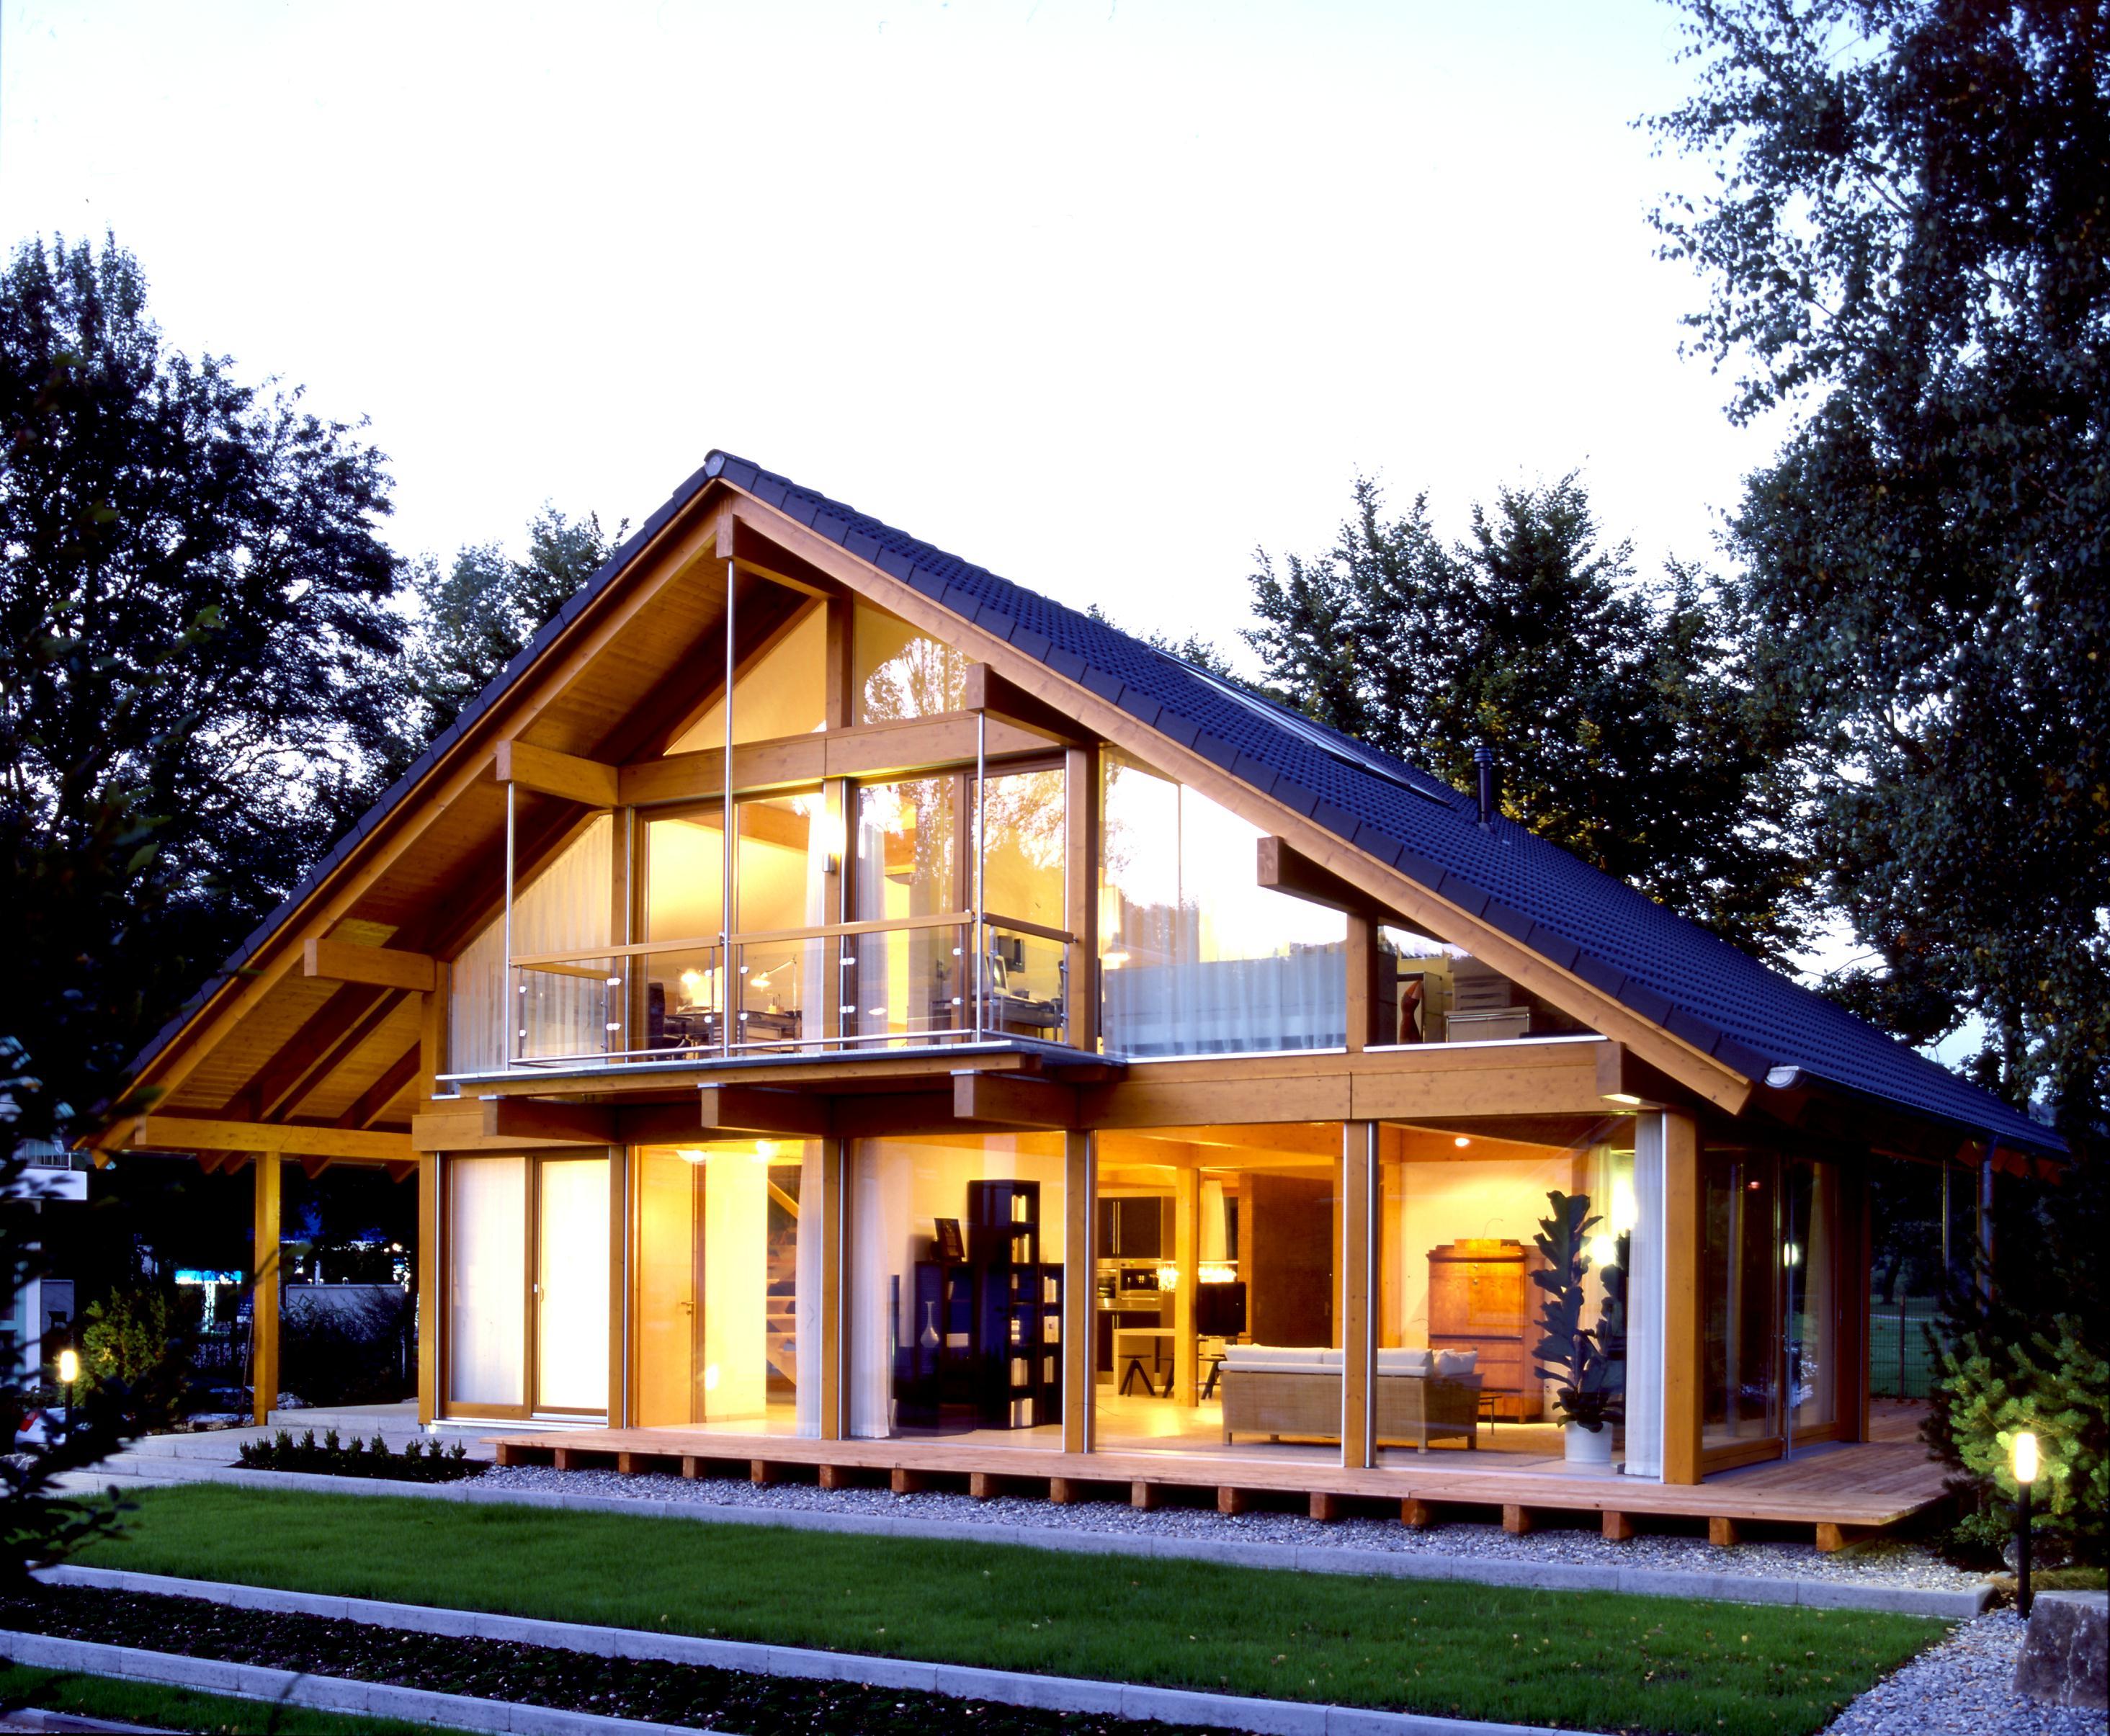 Casas lindas 26 fotos inspiradoras arquidicas for Casa moderno a